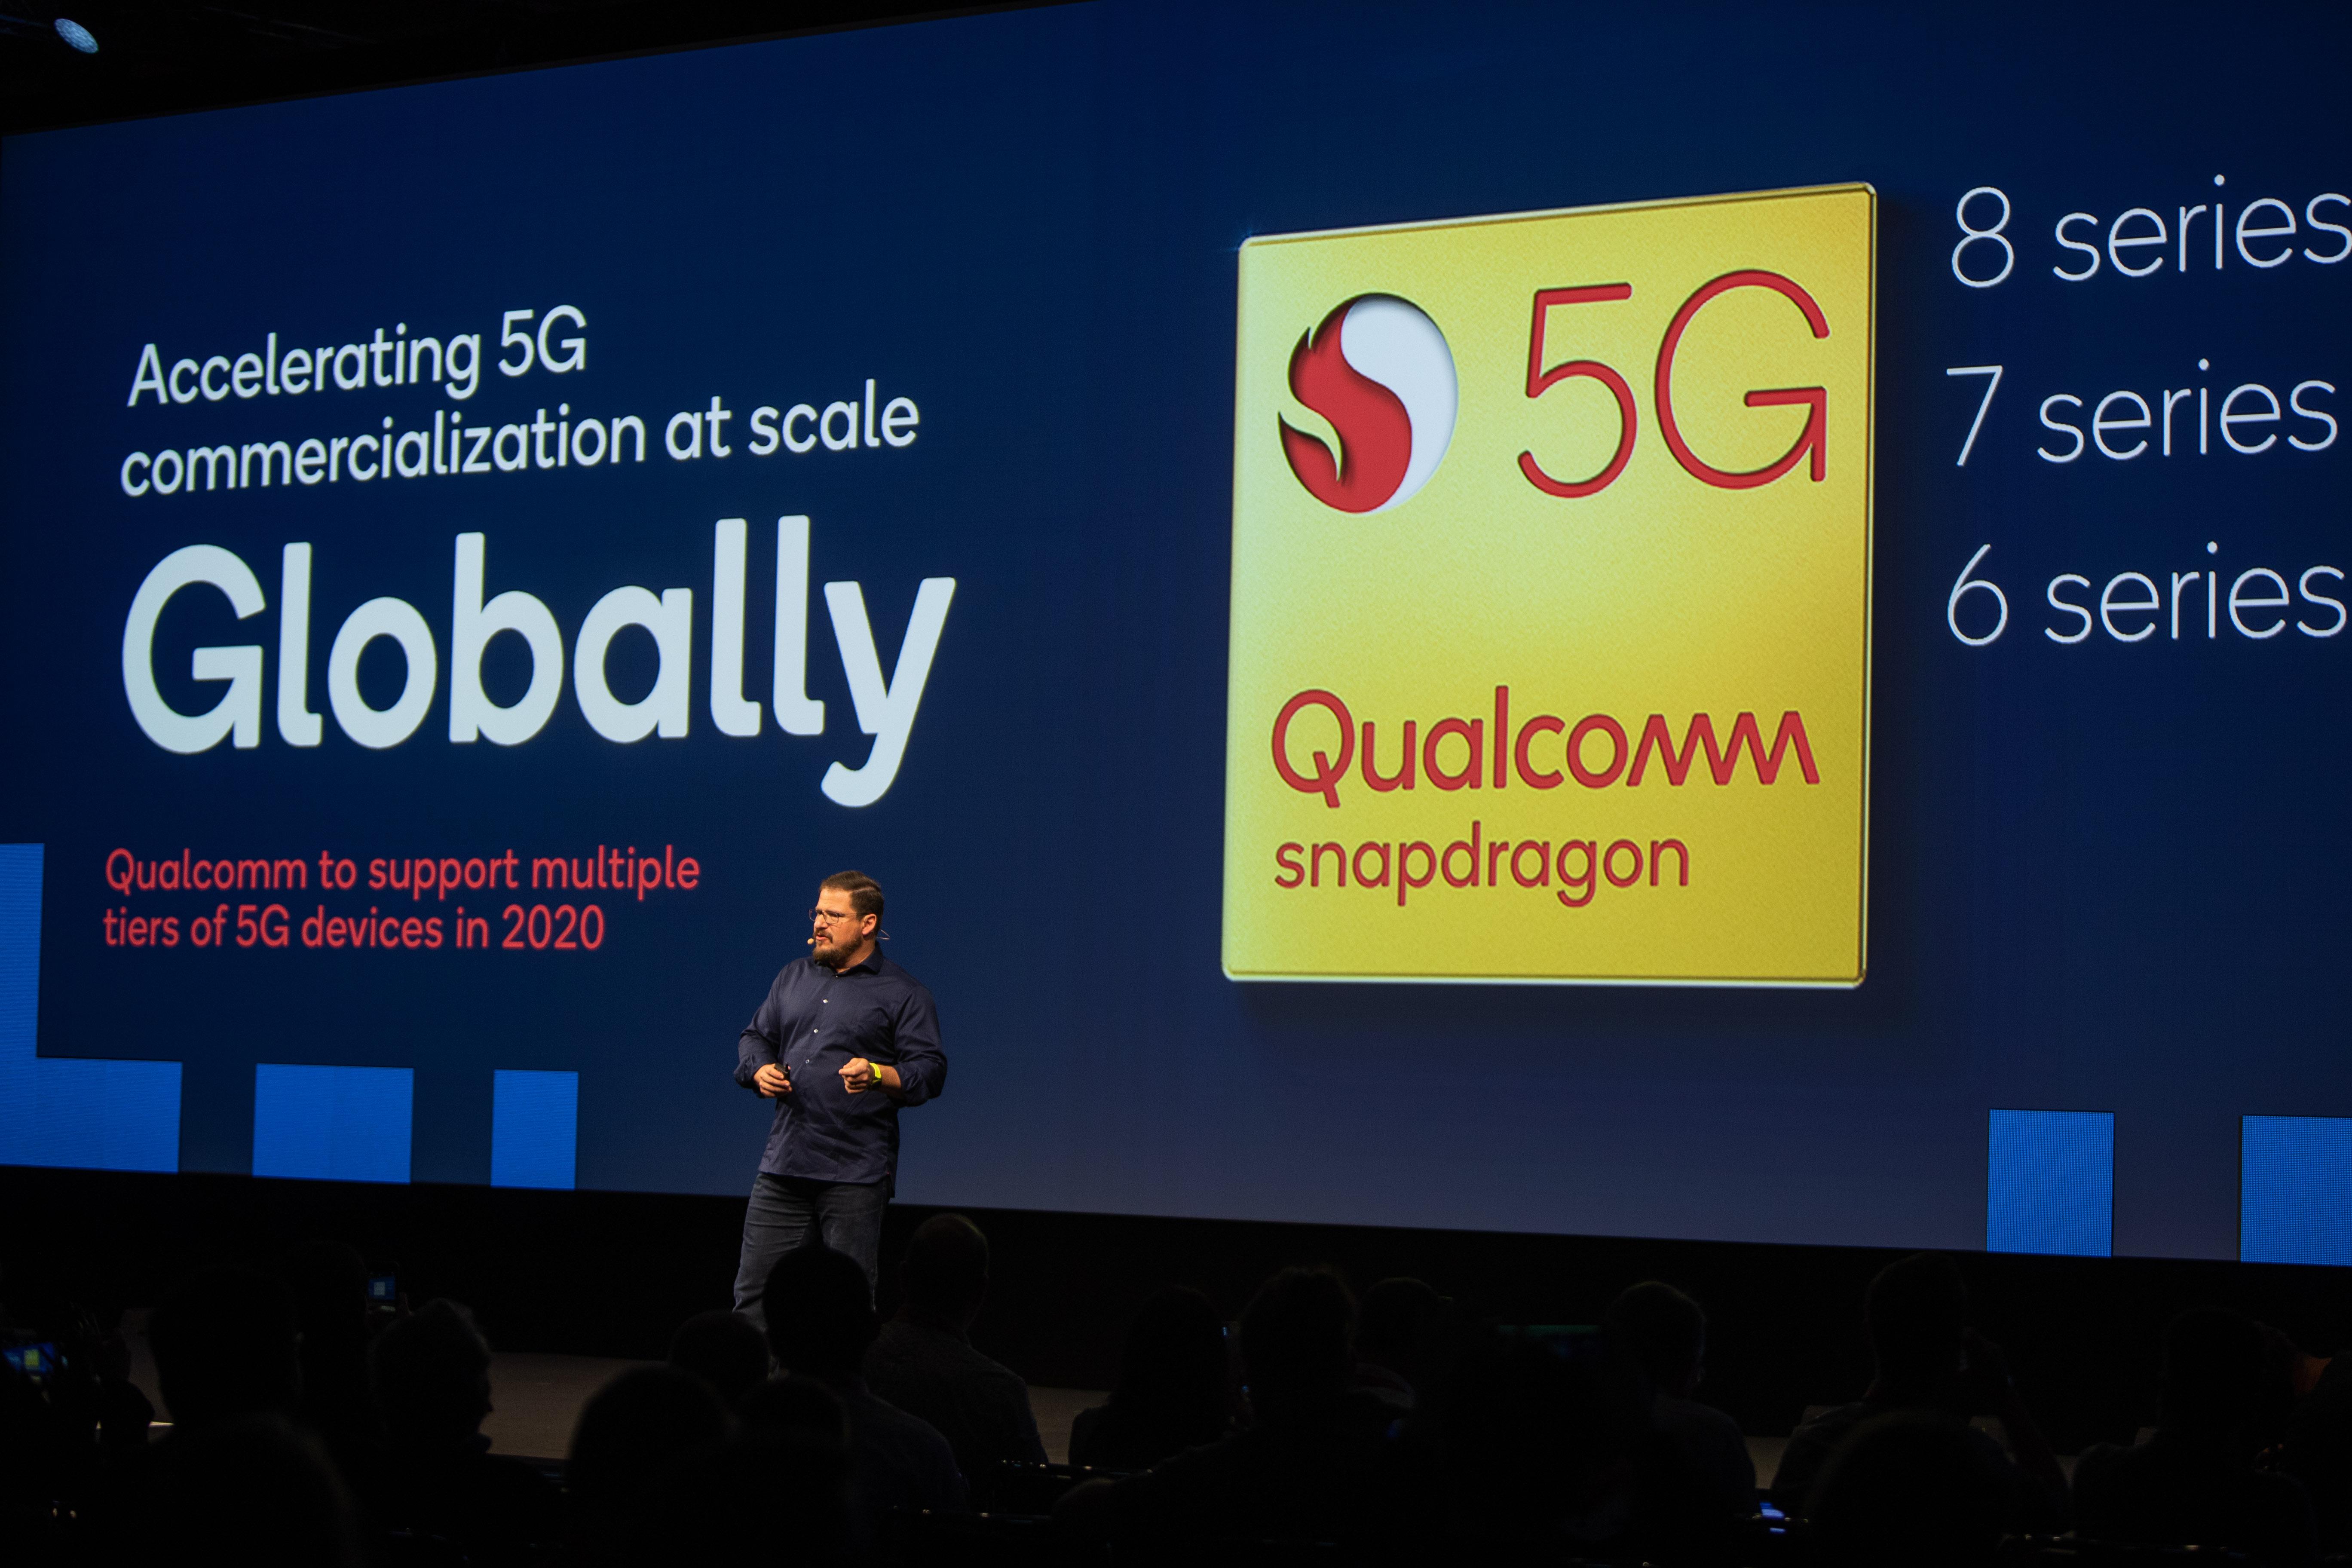 阿蒙:高通的愿景是让5G惠及更广泛的消费者和产业